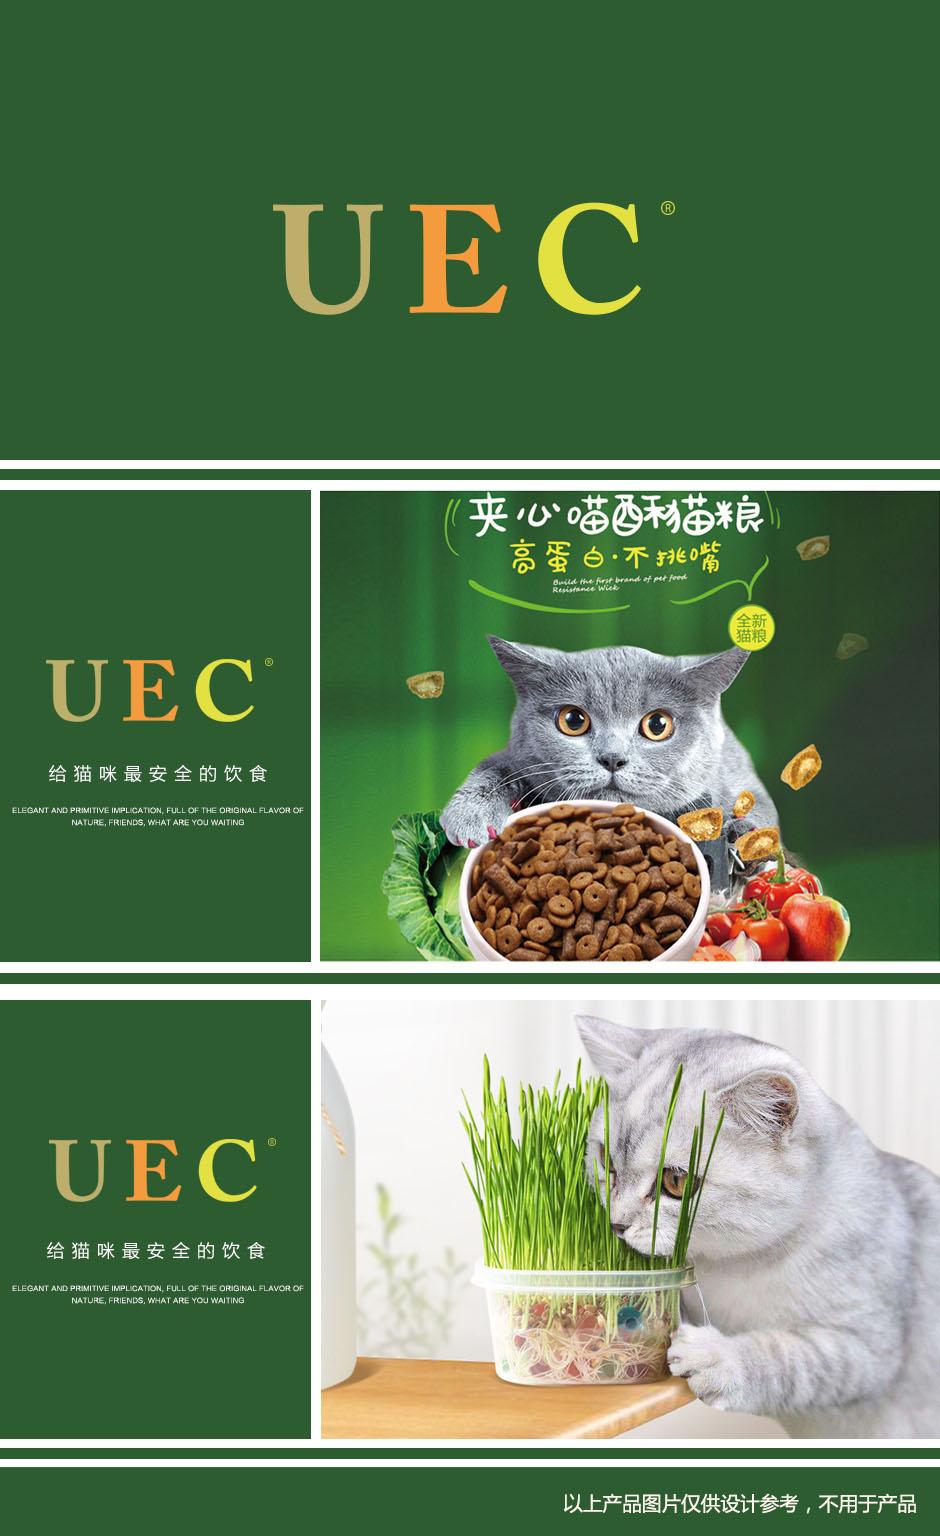 第10类-UEC